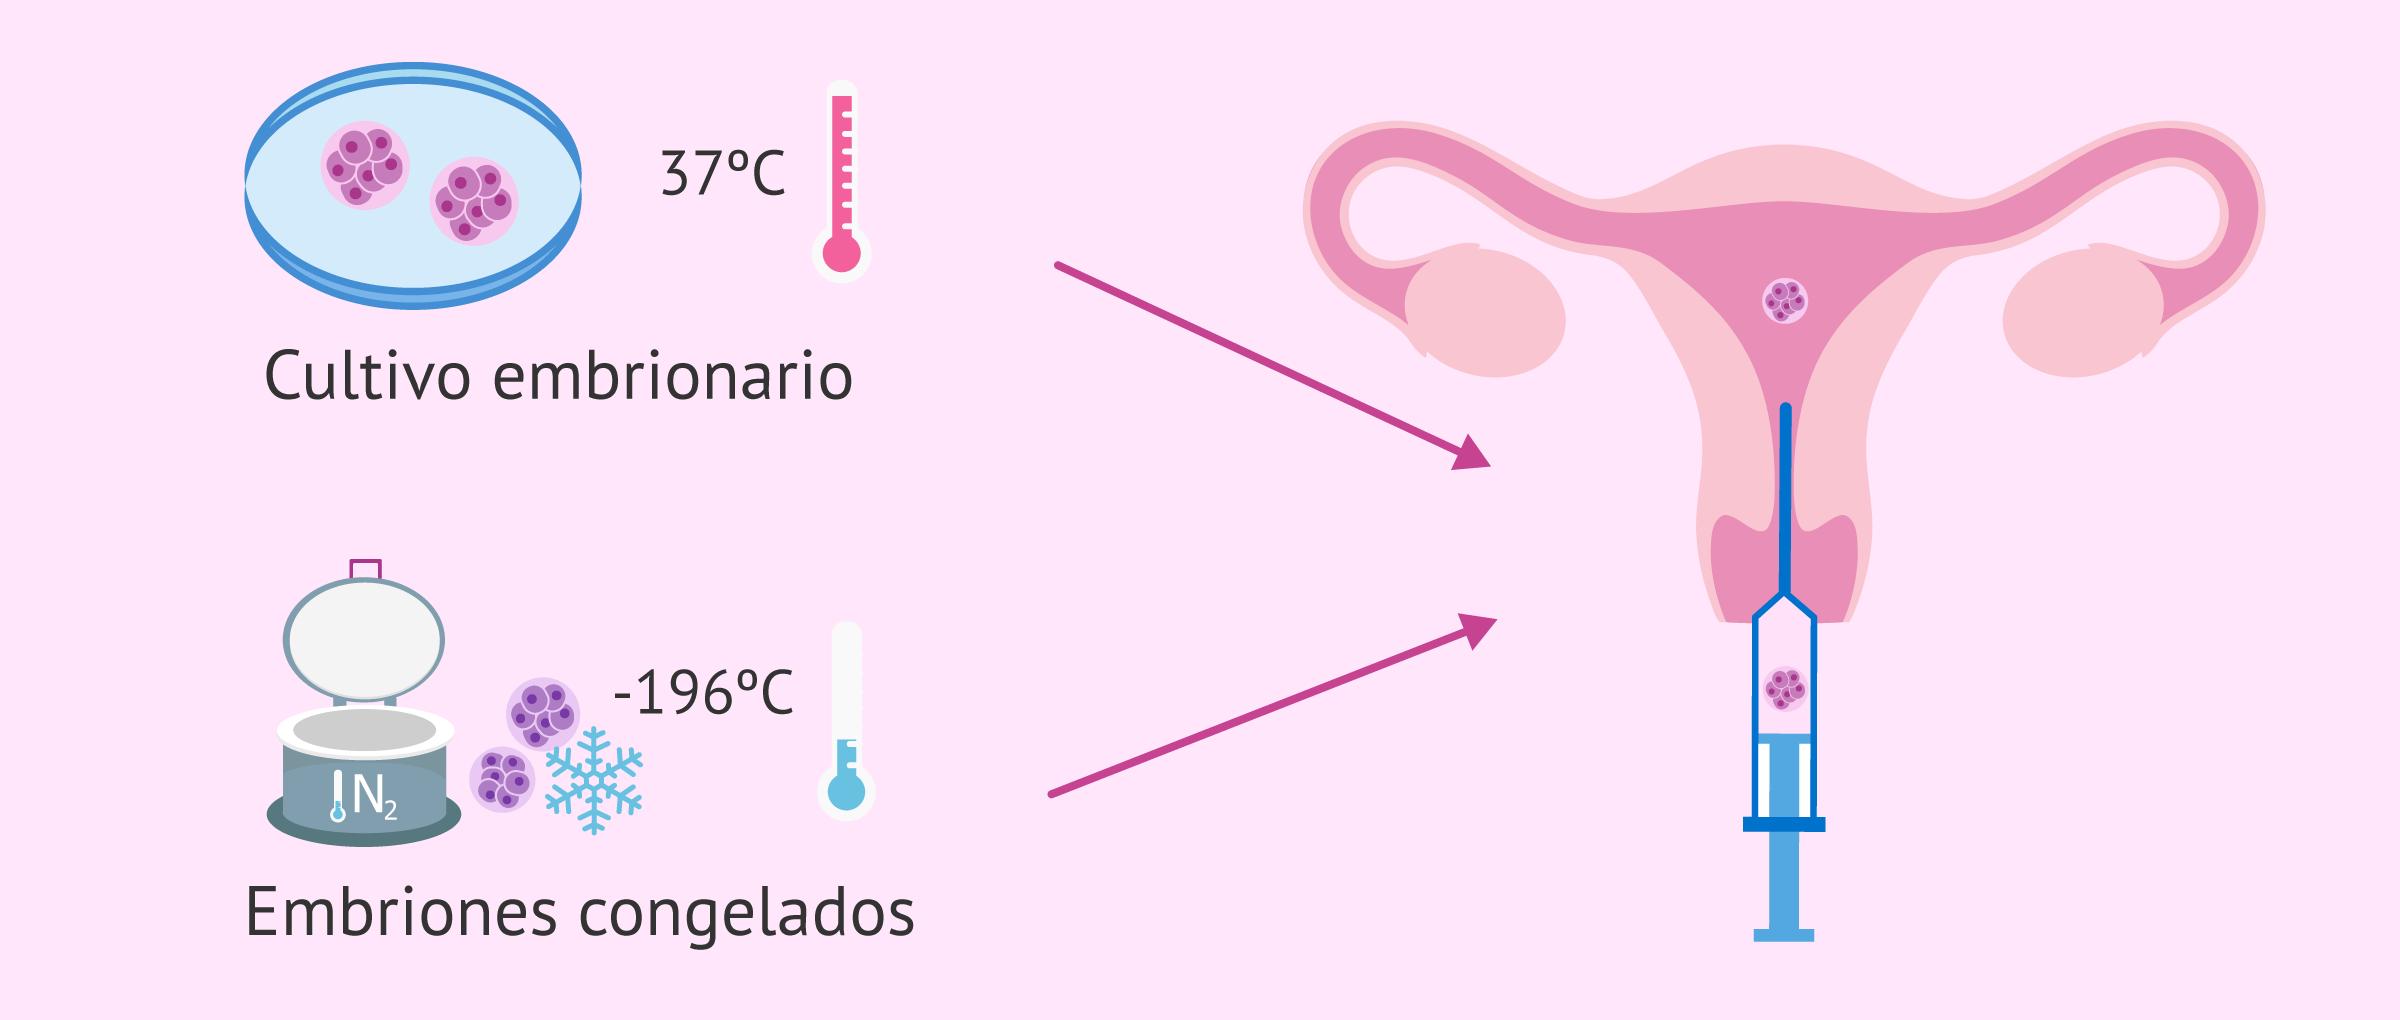 La transferencia de embriones